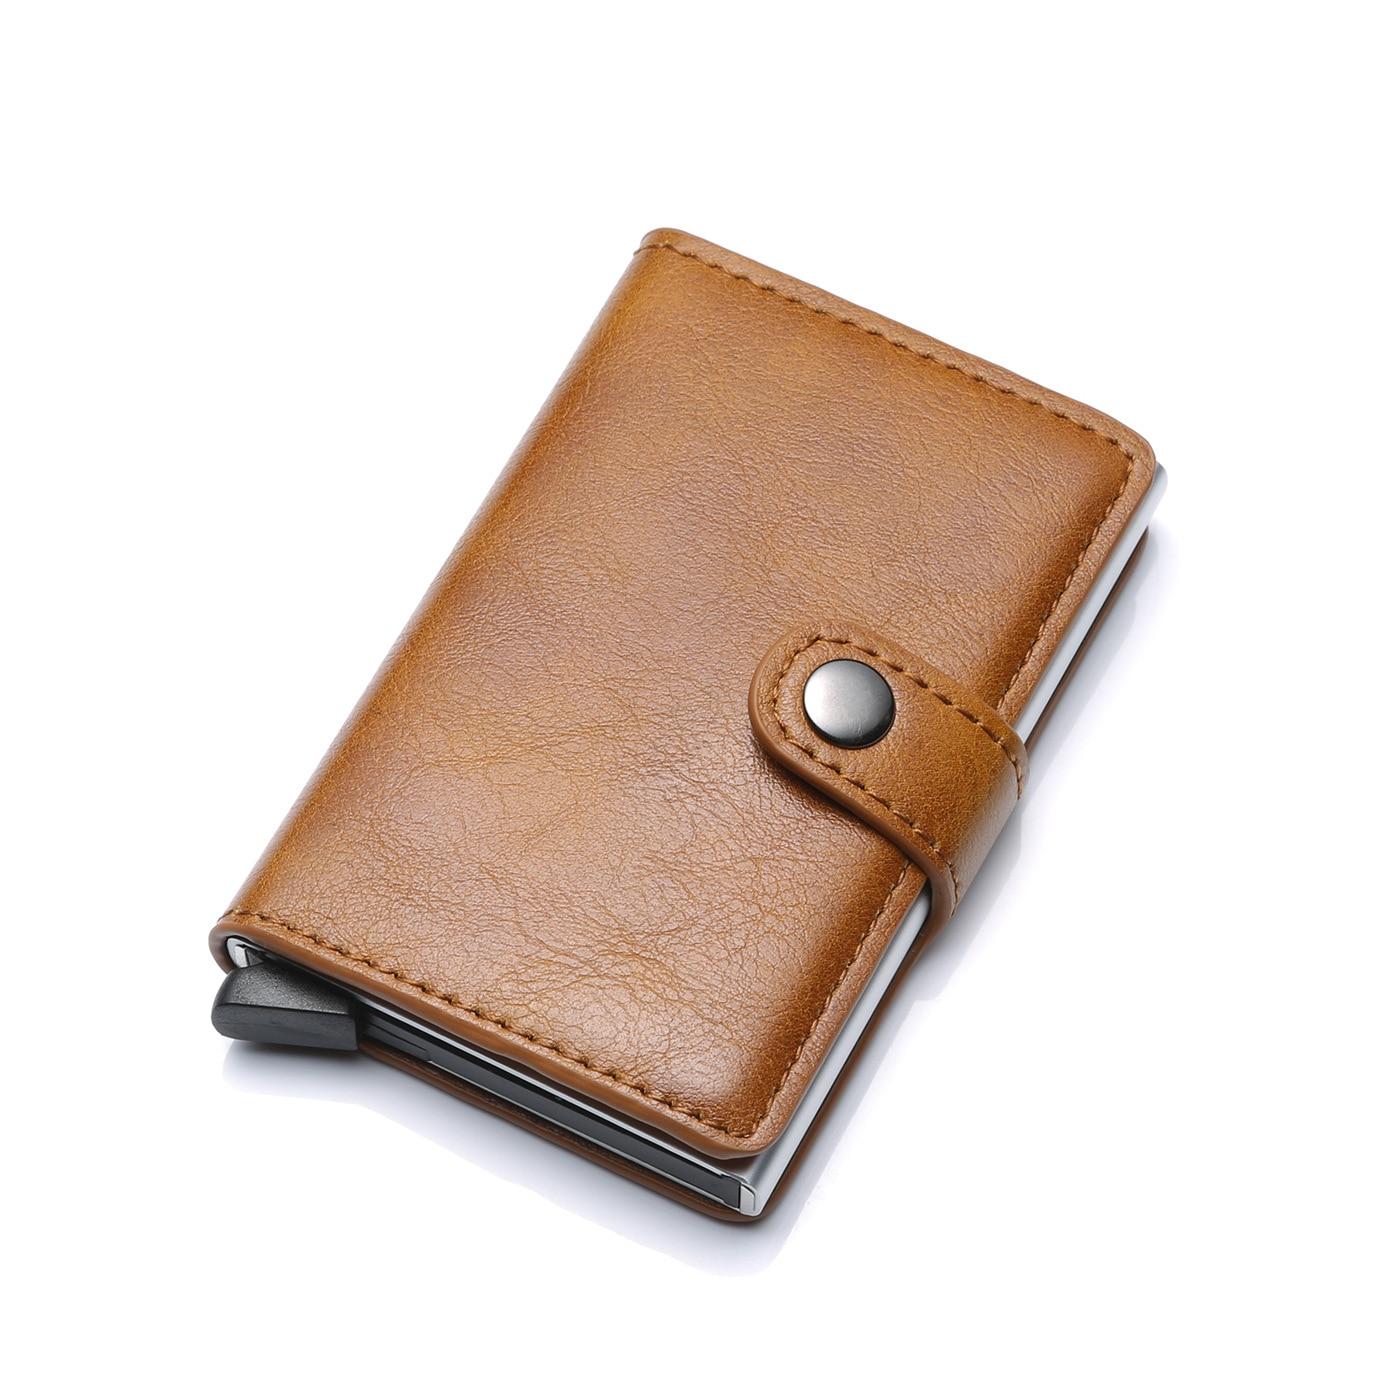 2019 nova Bolsa Da Moeda Homens Carteira De Alumínio do Cartão De Crédito Automático de Volta Bolso titular DO Cartão De ID de RFID Bloqueio Mini Carteira Mágica